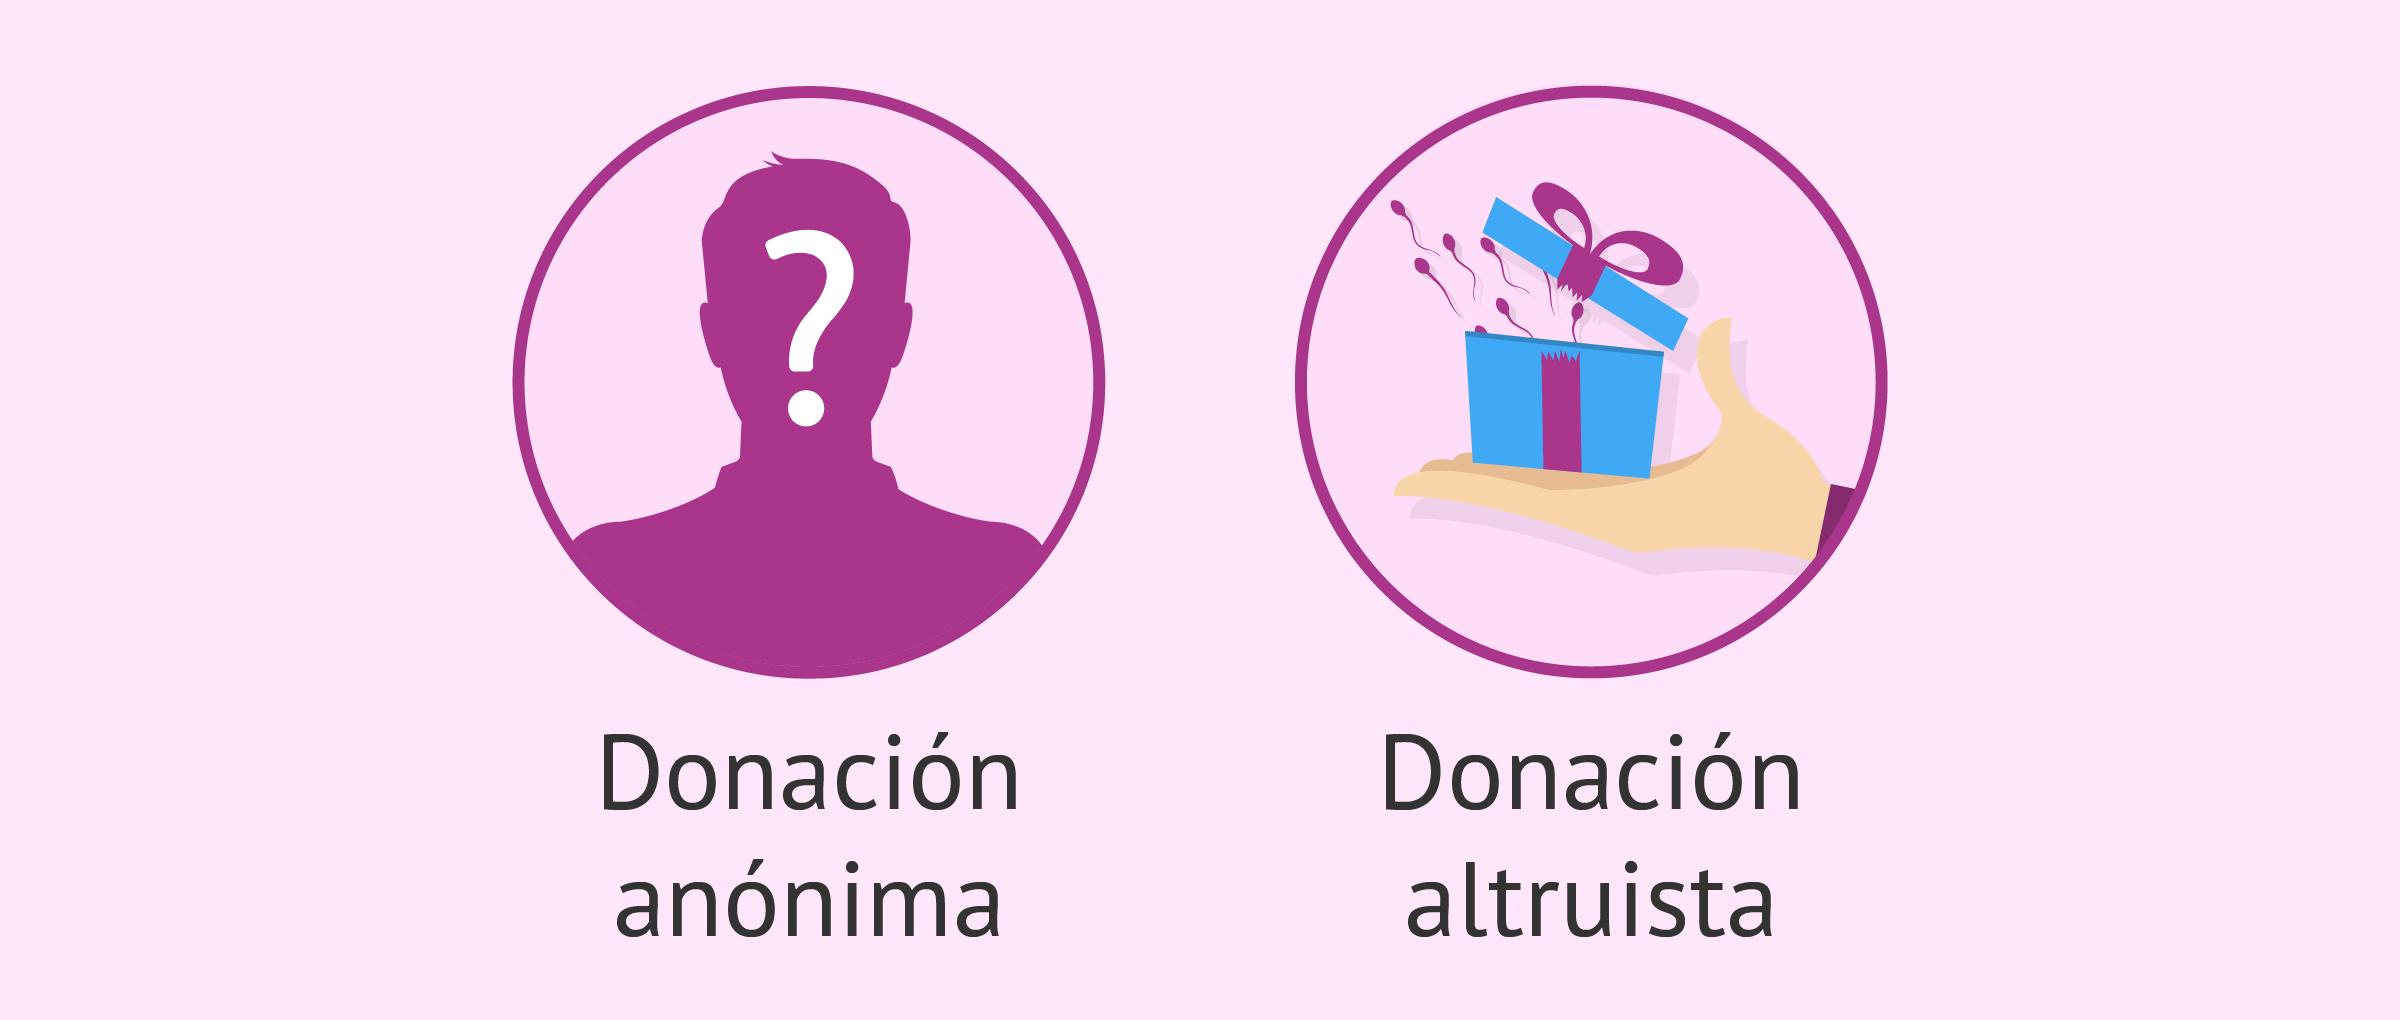 Características de la donación en España